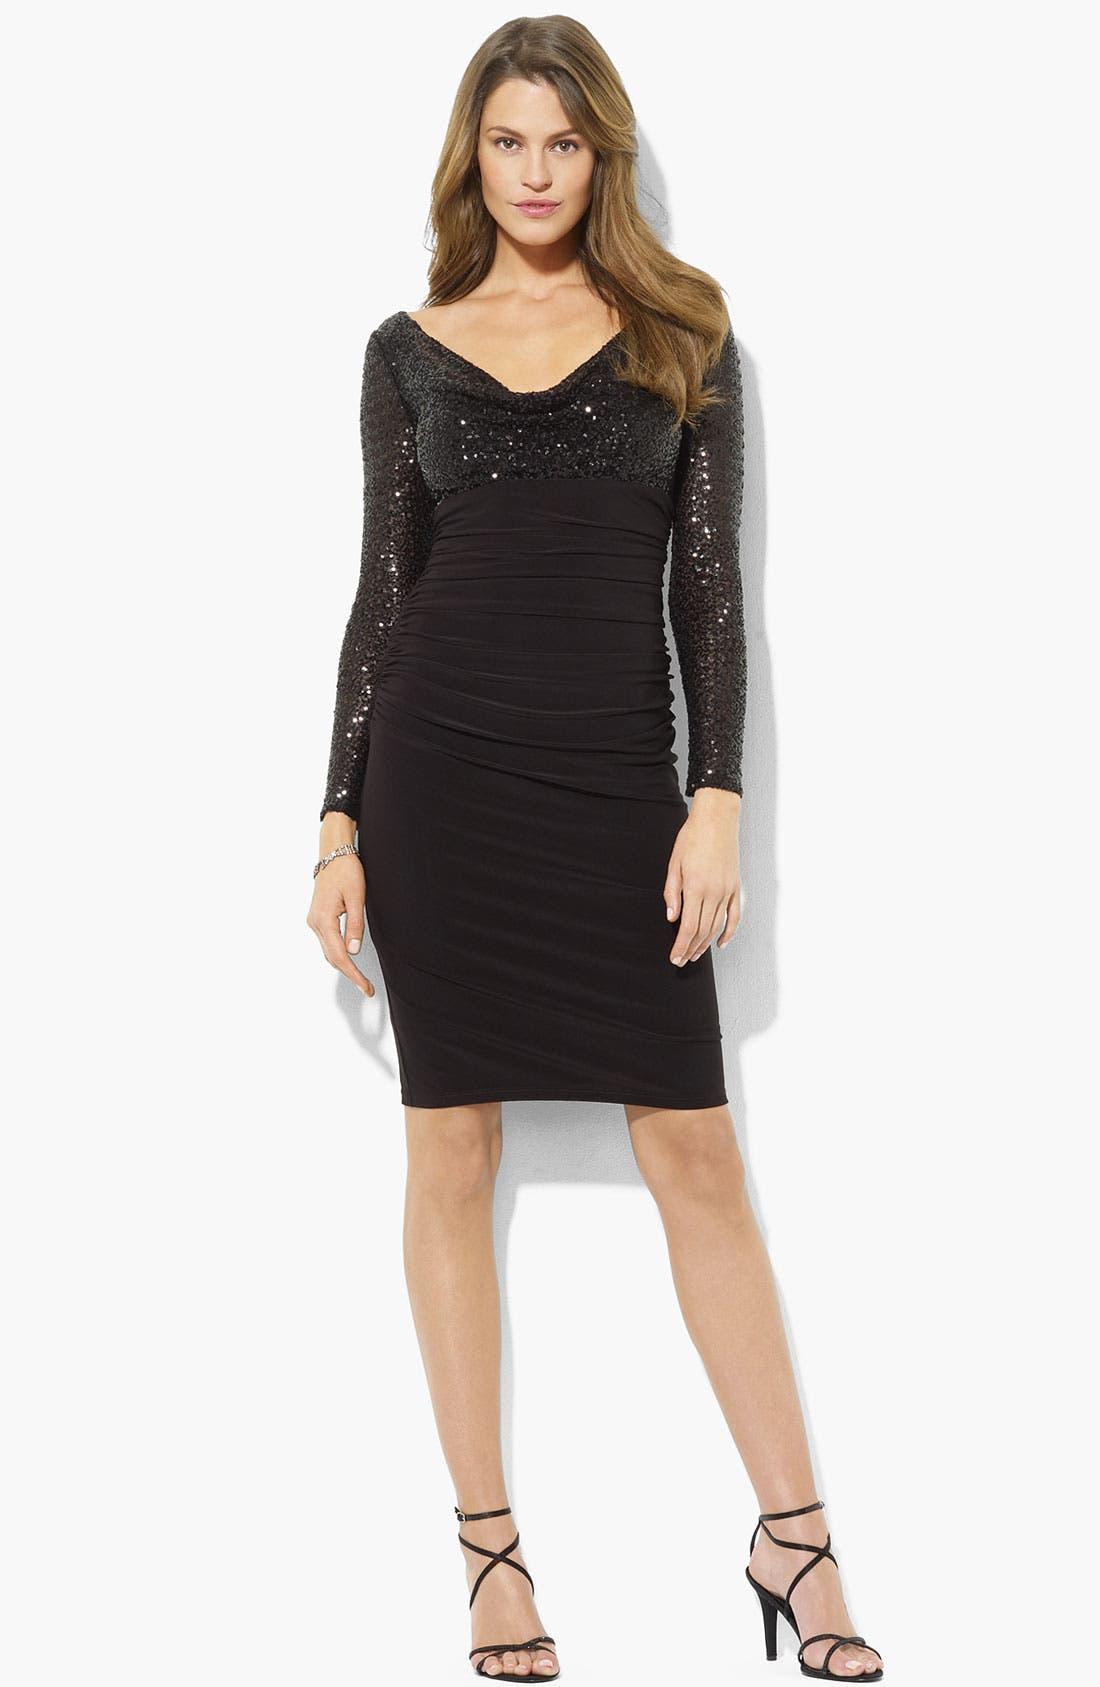 Alternate Image 1 Selected - Lauren Ralph Lauren Sequin Bodice Ruched Jersey Dress (Petite)